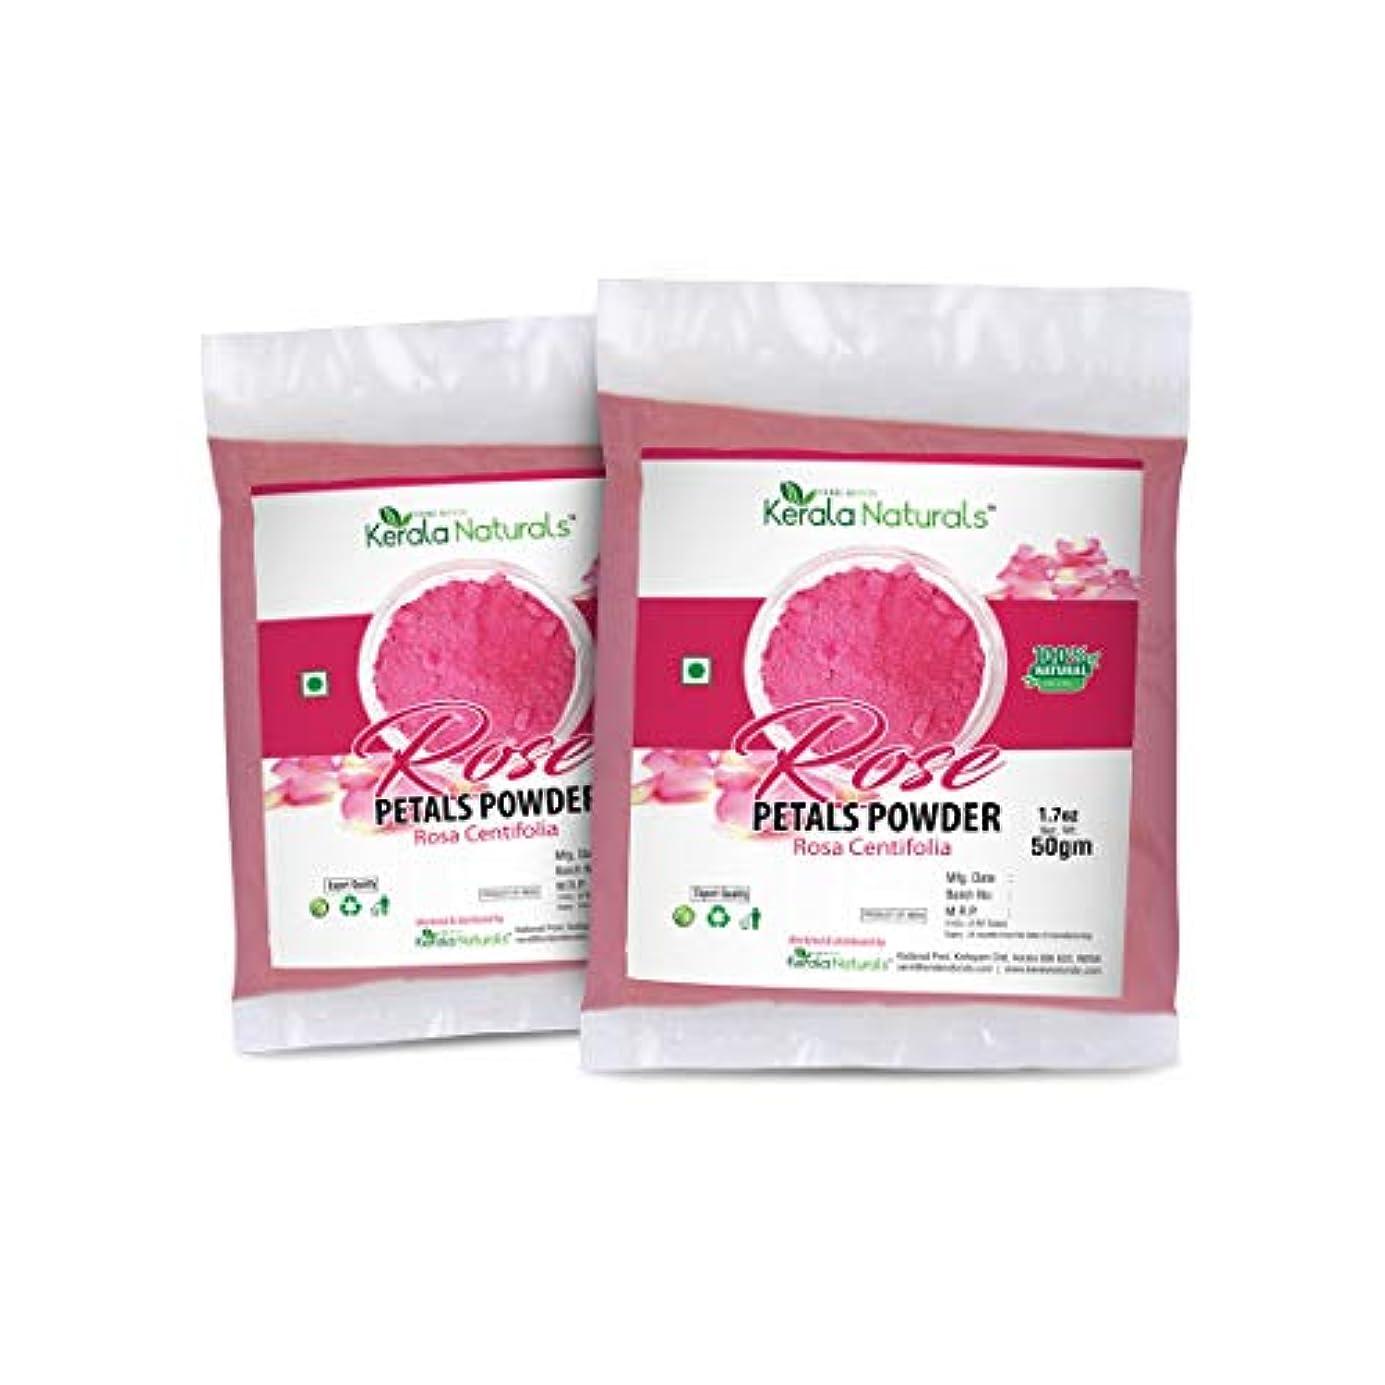 剃る悪性の左Rose Petals Powder (Rosa Centifolia) for Anti Ageing- 100gm (50gm x 2 Packs) - Rejuvenating and Moisturising Face pack - Skin Brightening and even tone - アンチエイジング用のバラの花びらパウダー(Rosa Centifolia)-100gm-若返りと保湿のフェイスパック-肌の輝きと均一なトーン